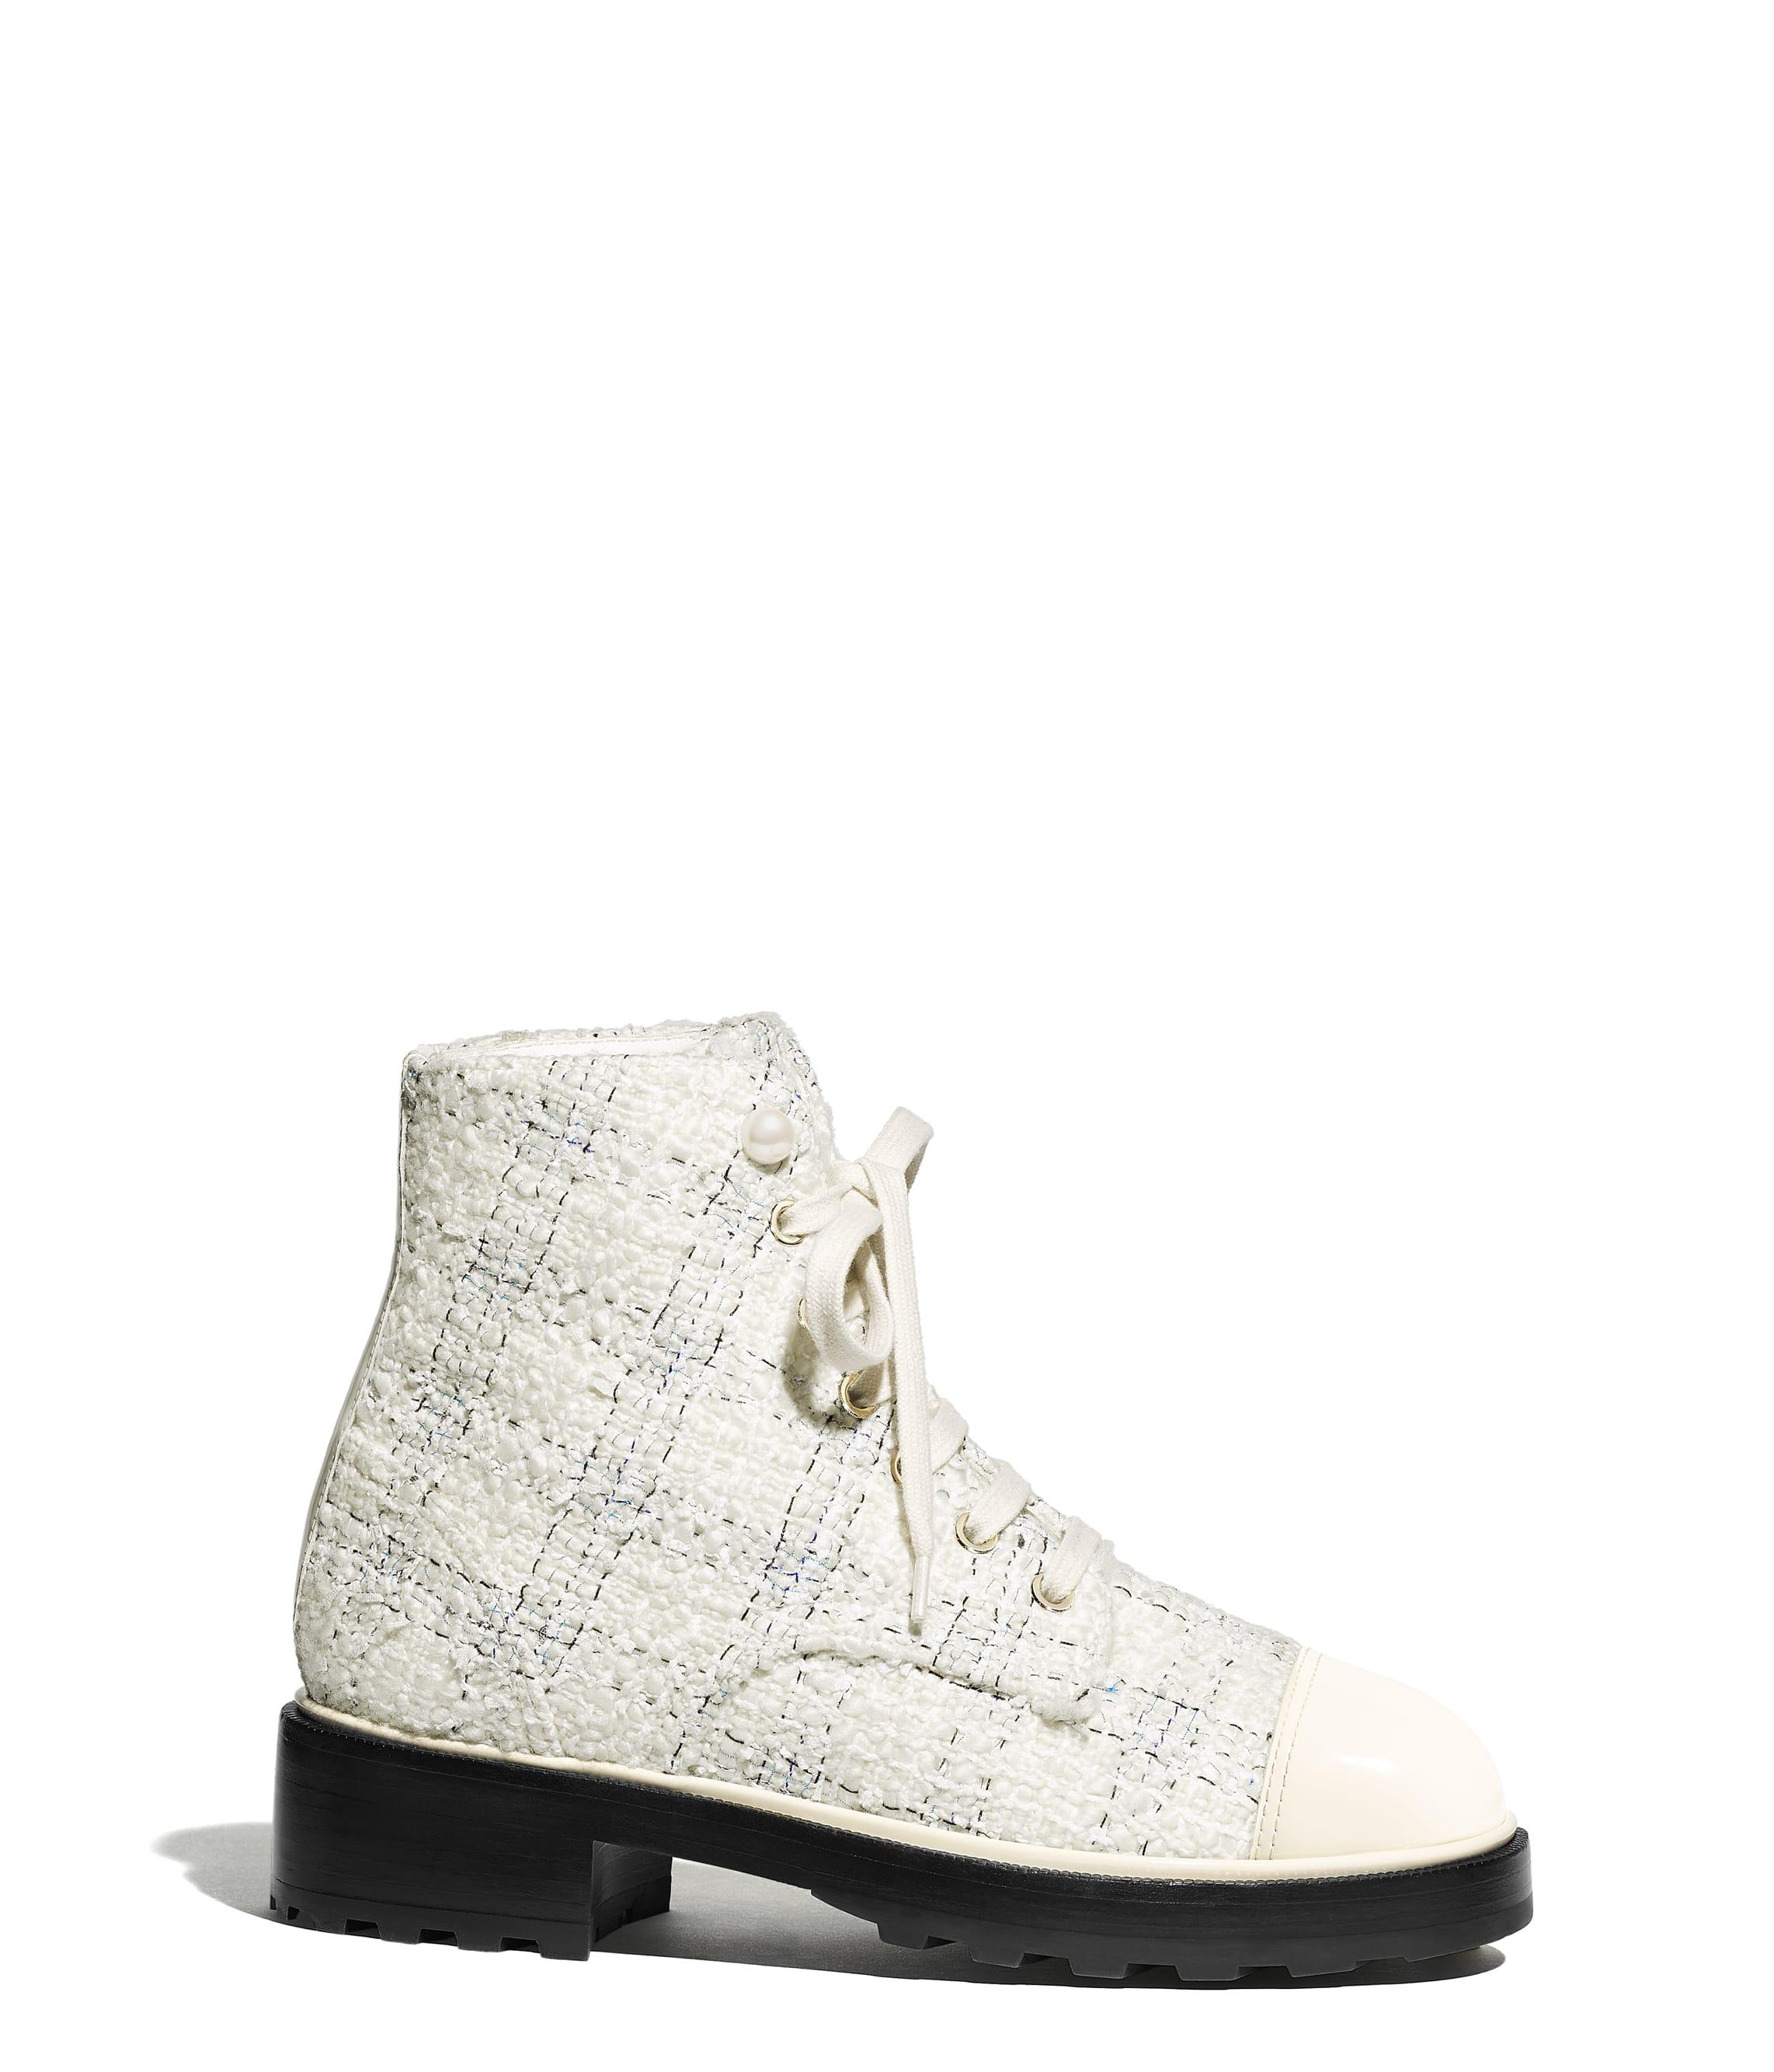 5d5c74f4989 Shoes - CHANEL